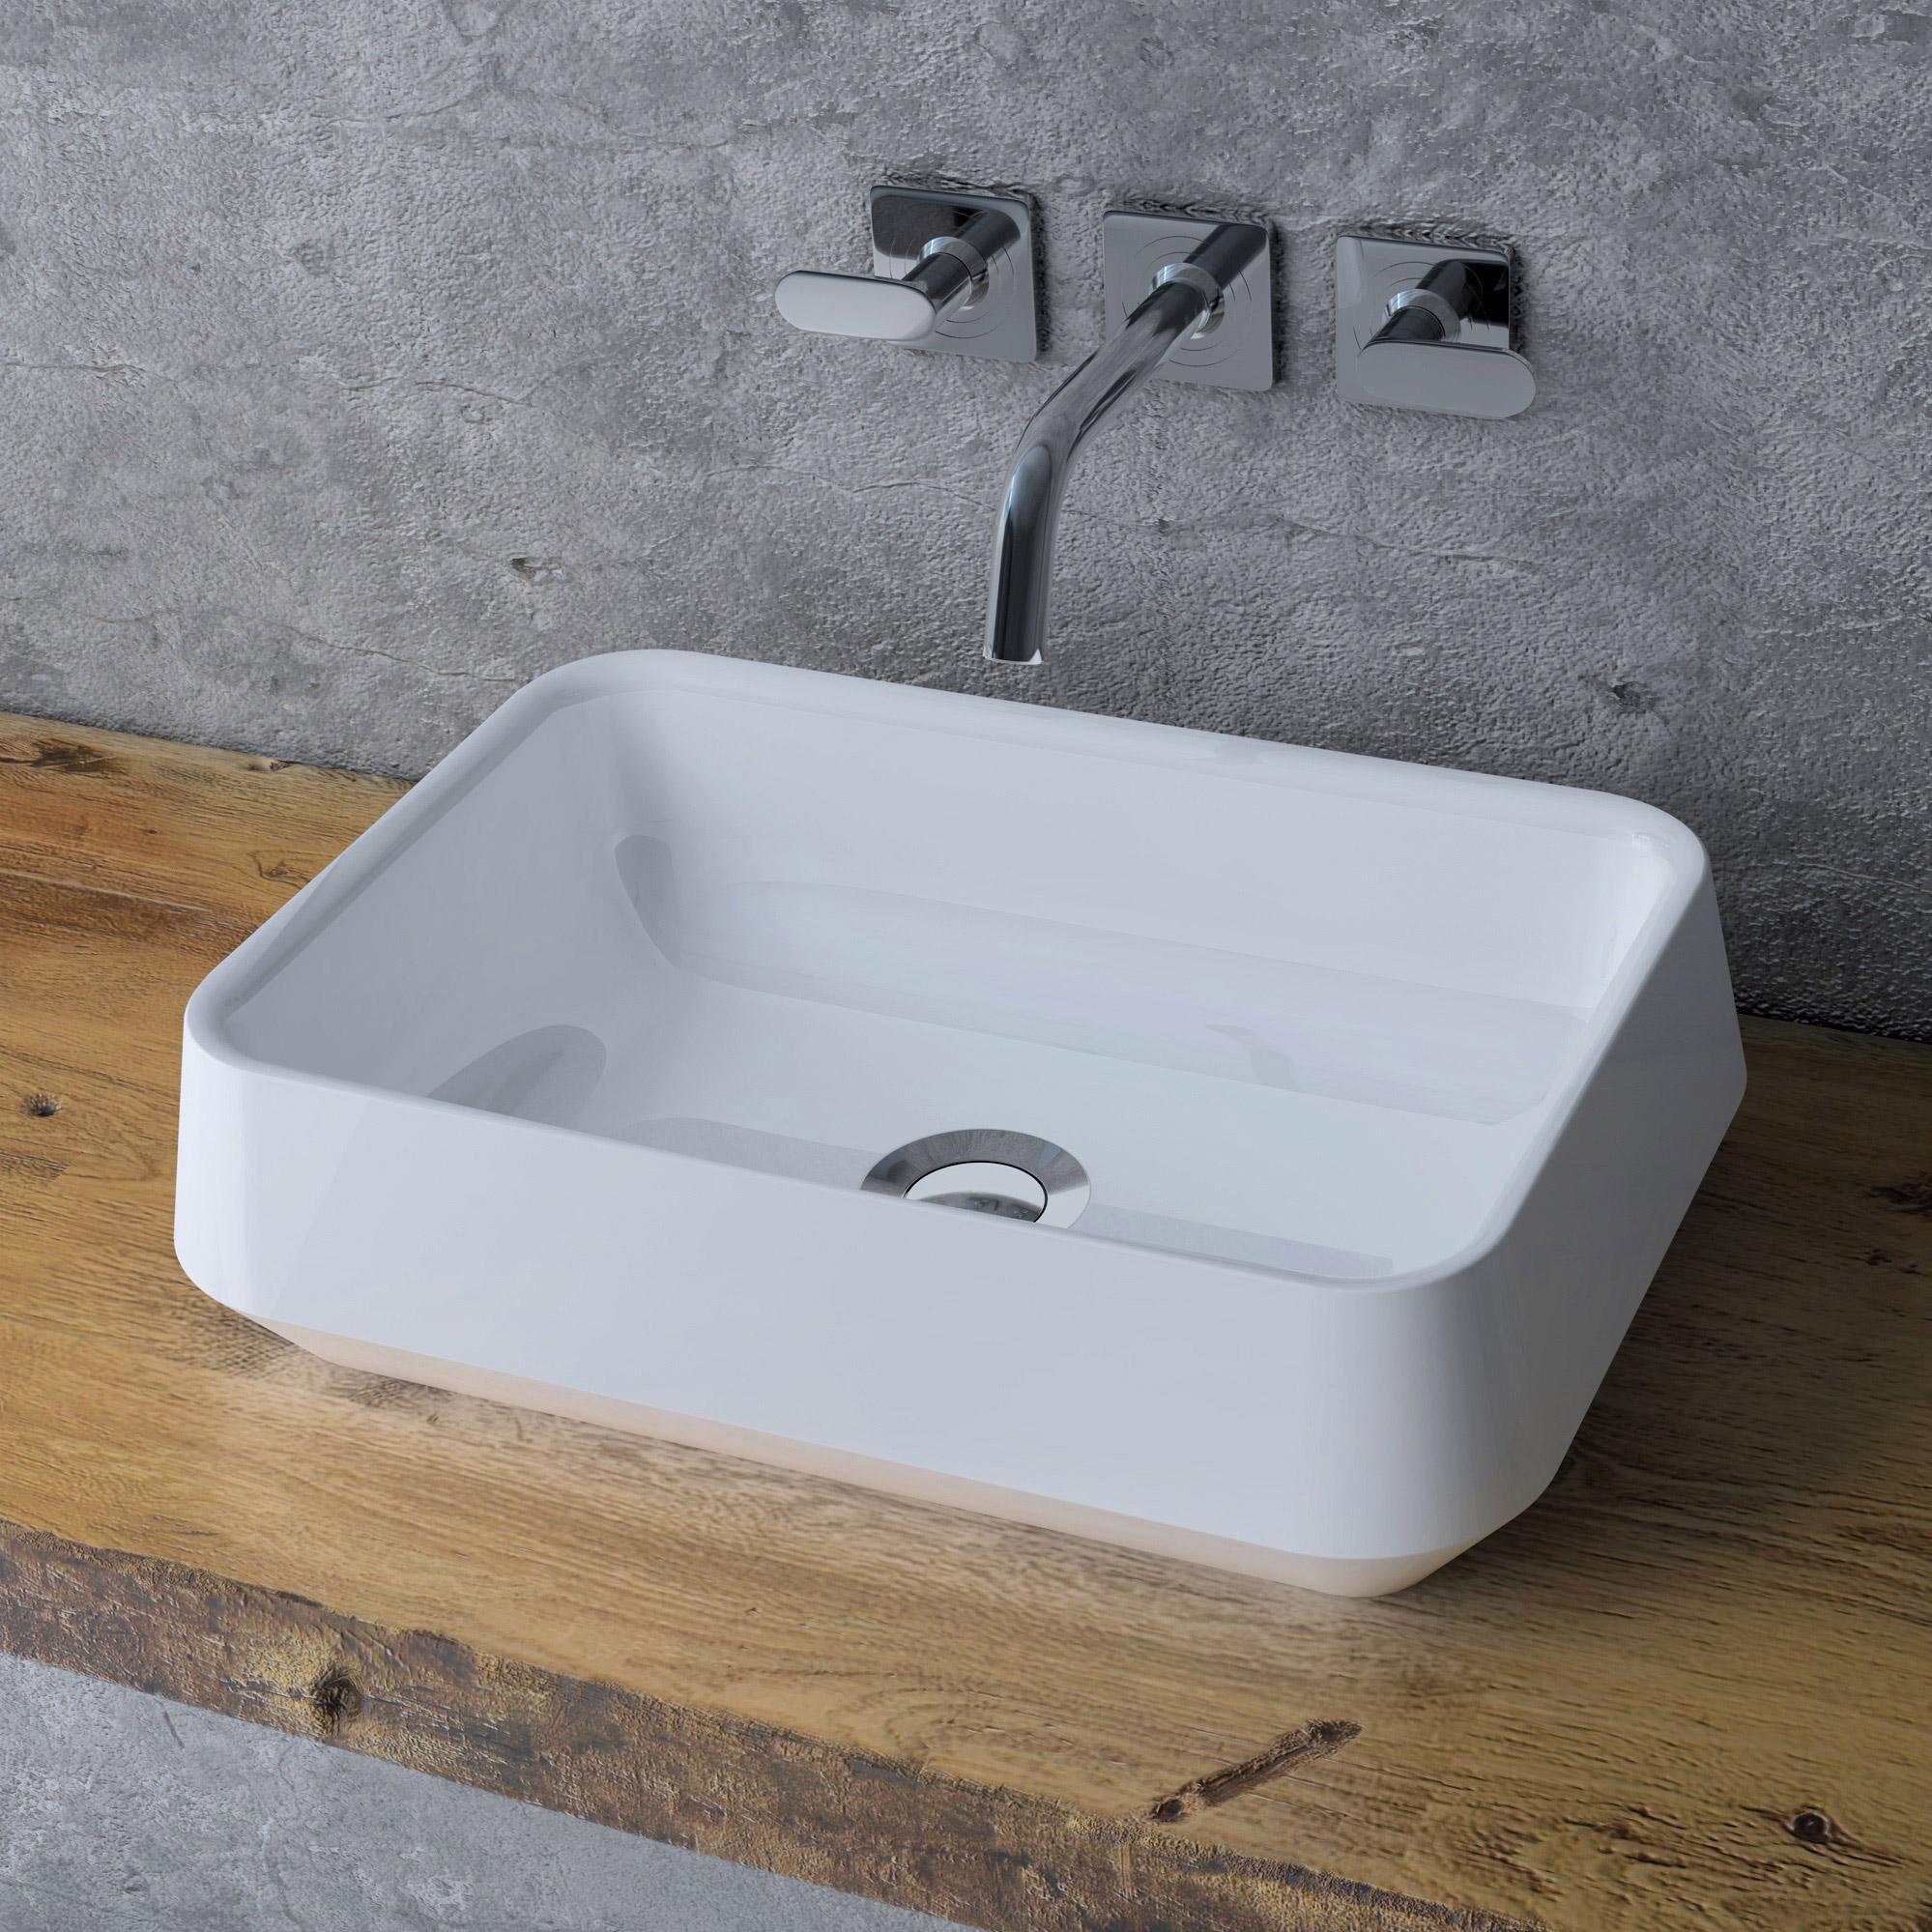 Comment Nettoyer Evier Resine Blanc vasque à poser résine de synthèse l.45 x p.32 cm blanc bjorg